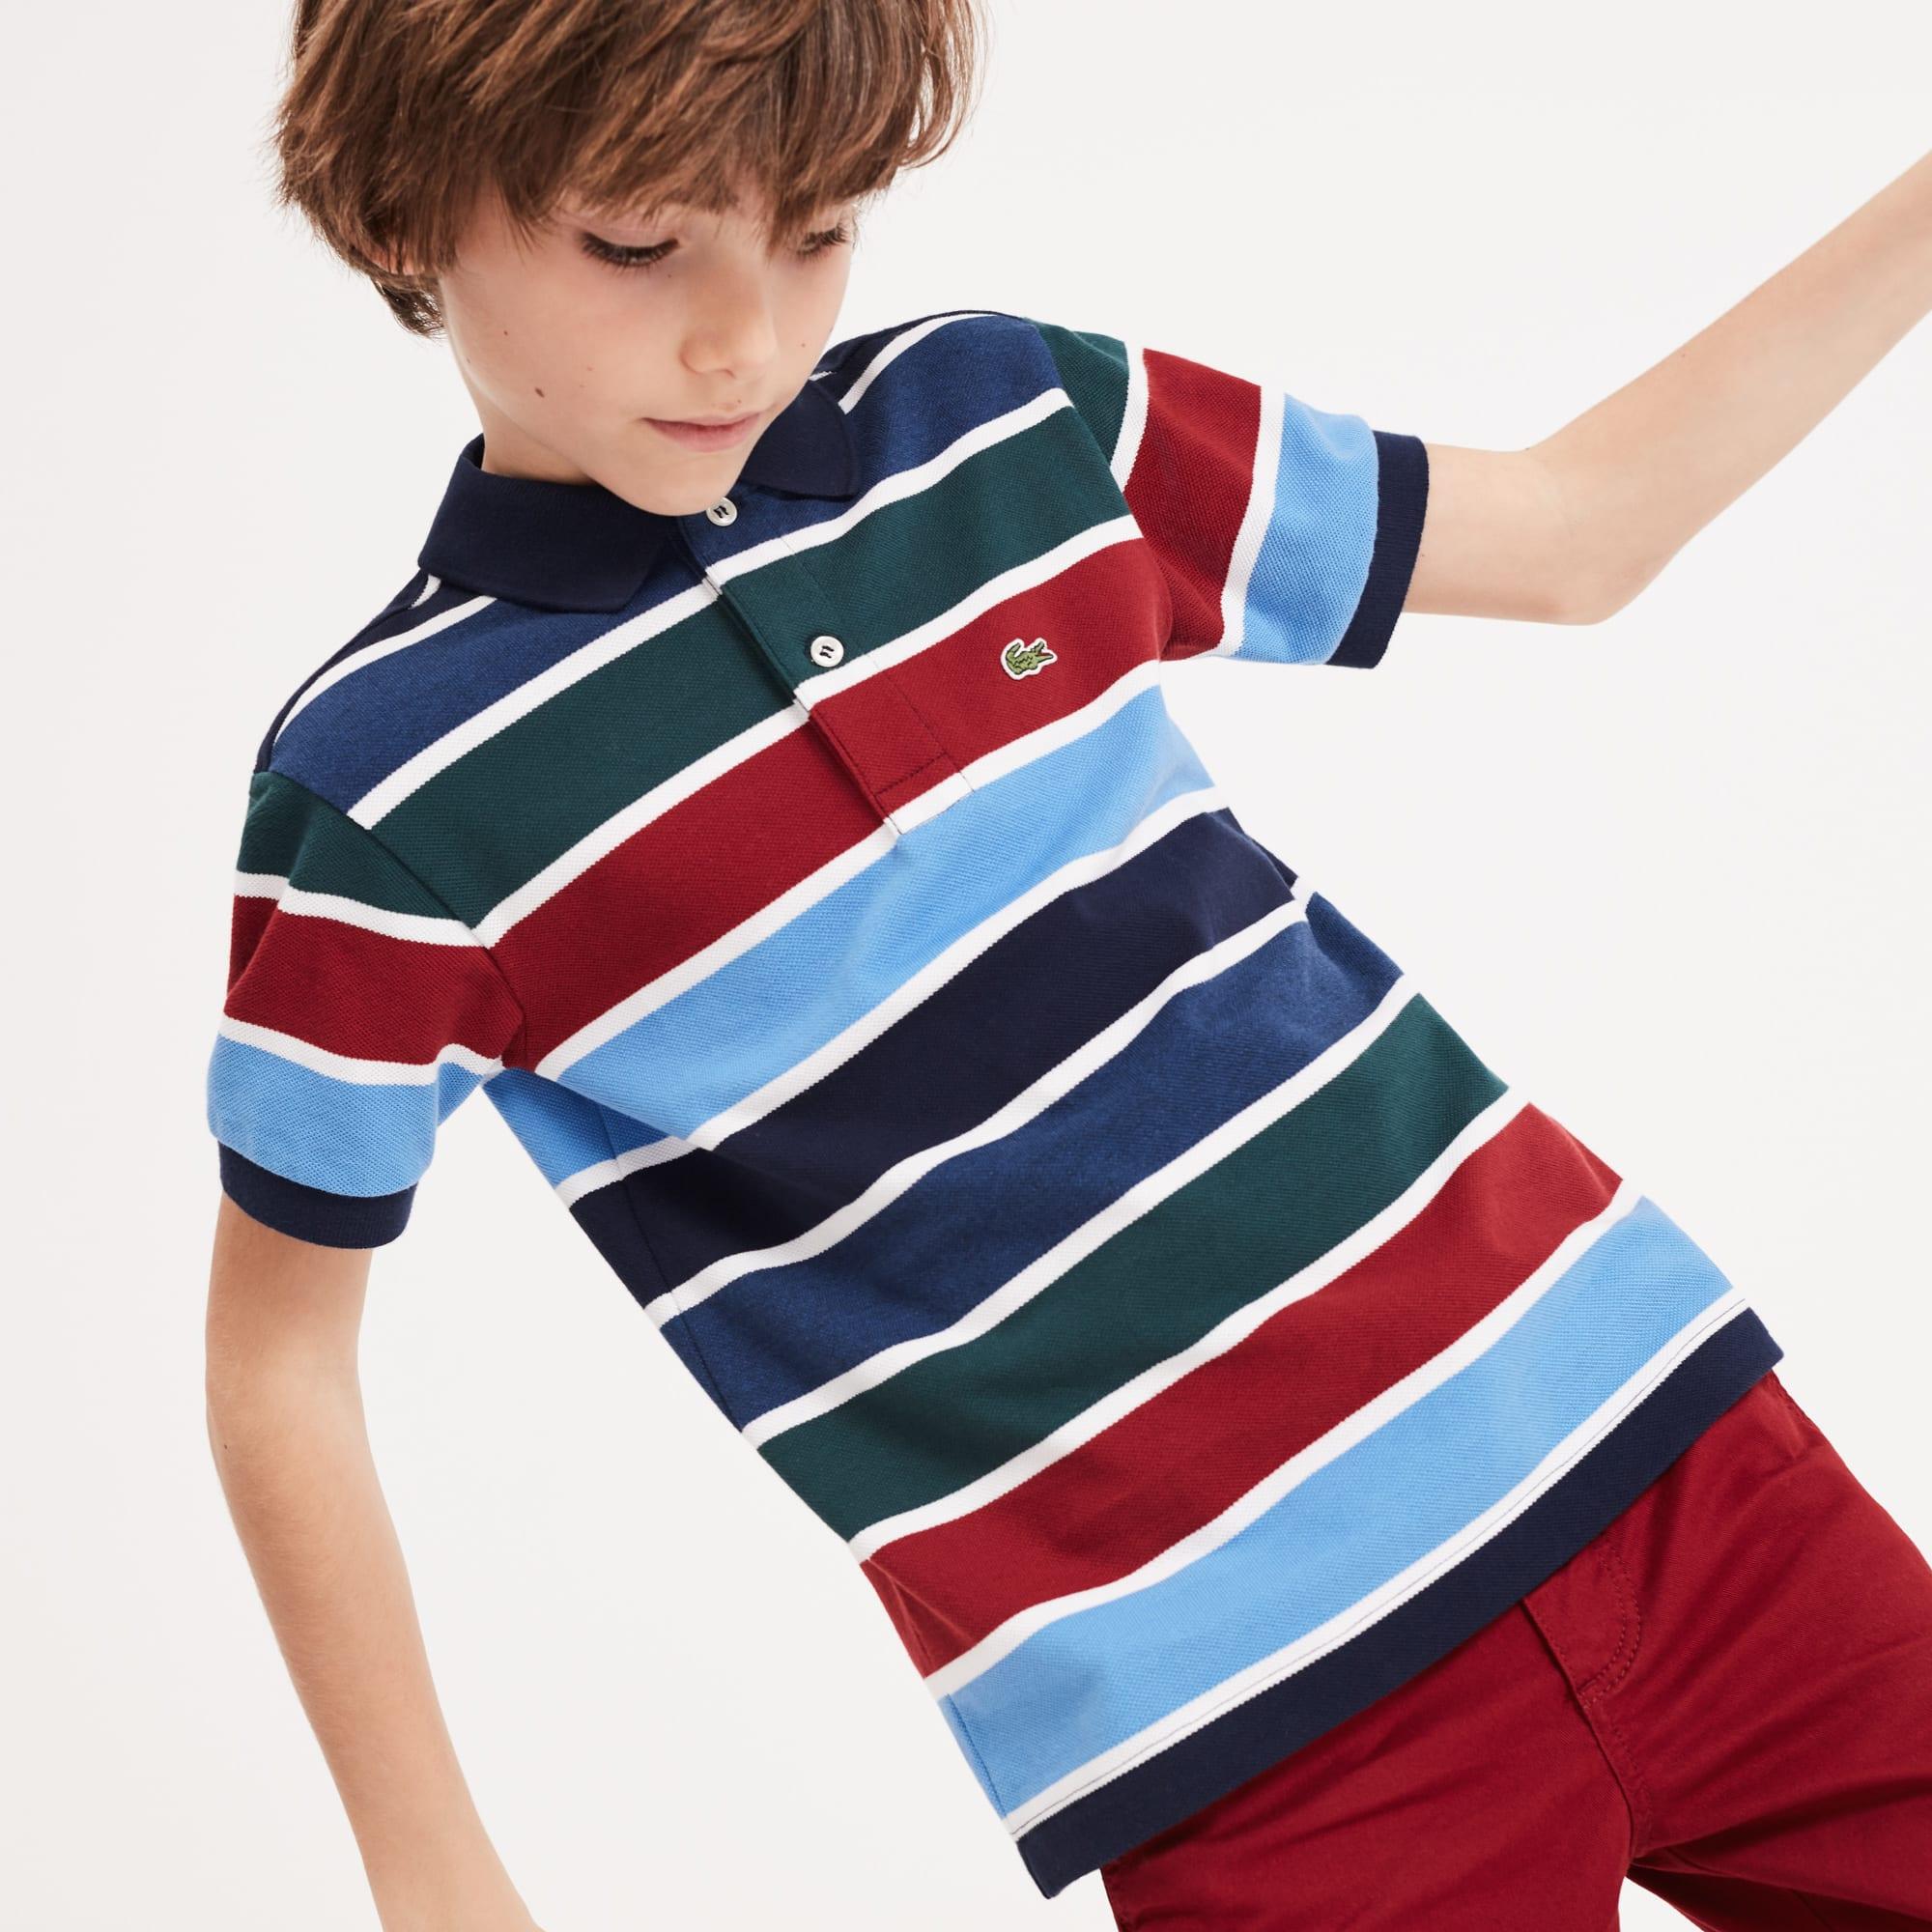 c2f1ba458a0824 30% off. Boys  Lacoste Striped Cotton Piqué Polo Shirt. 325.00 SAR